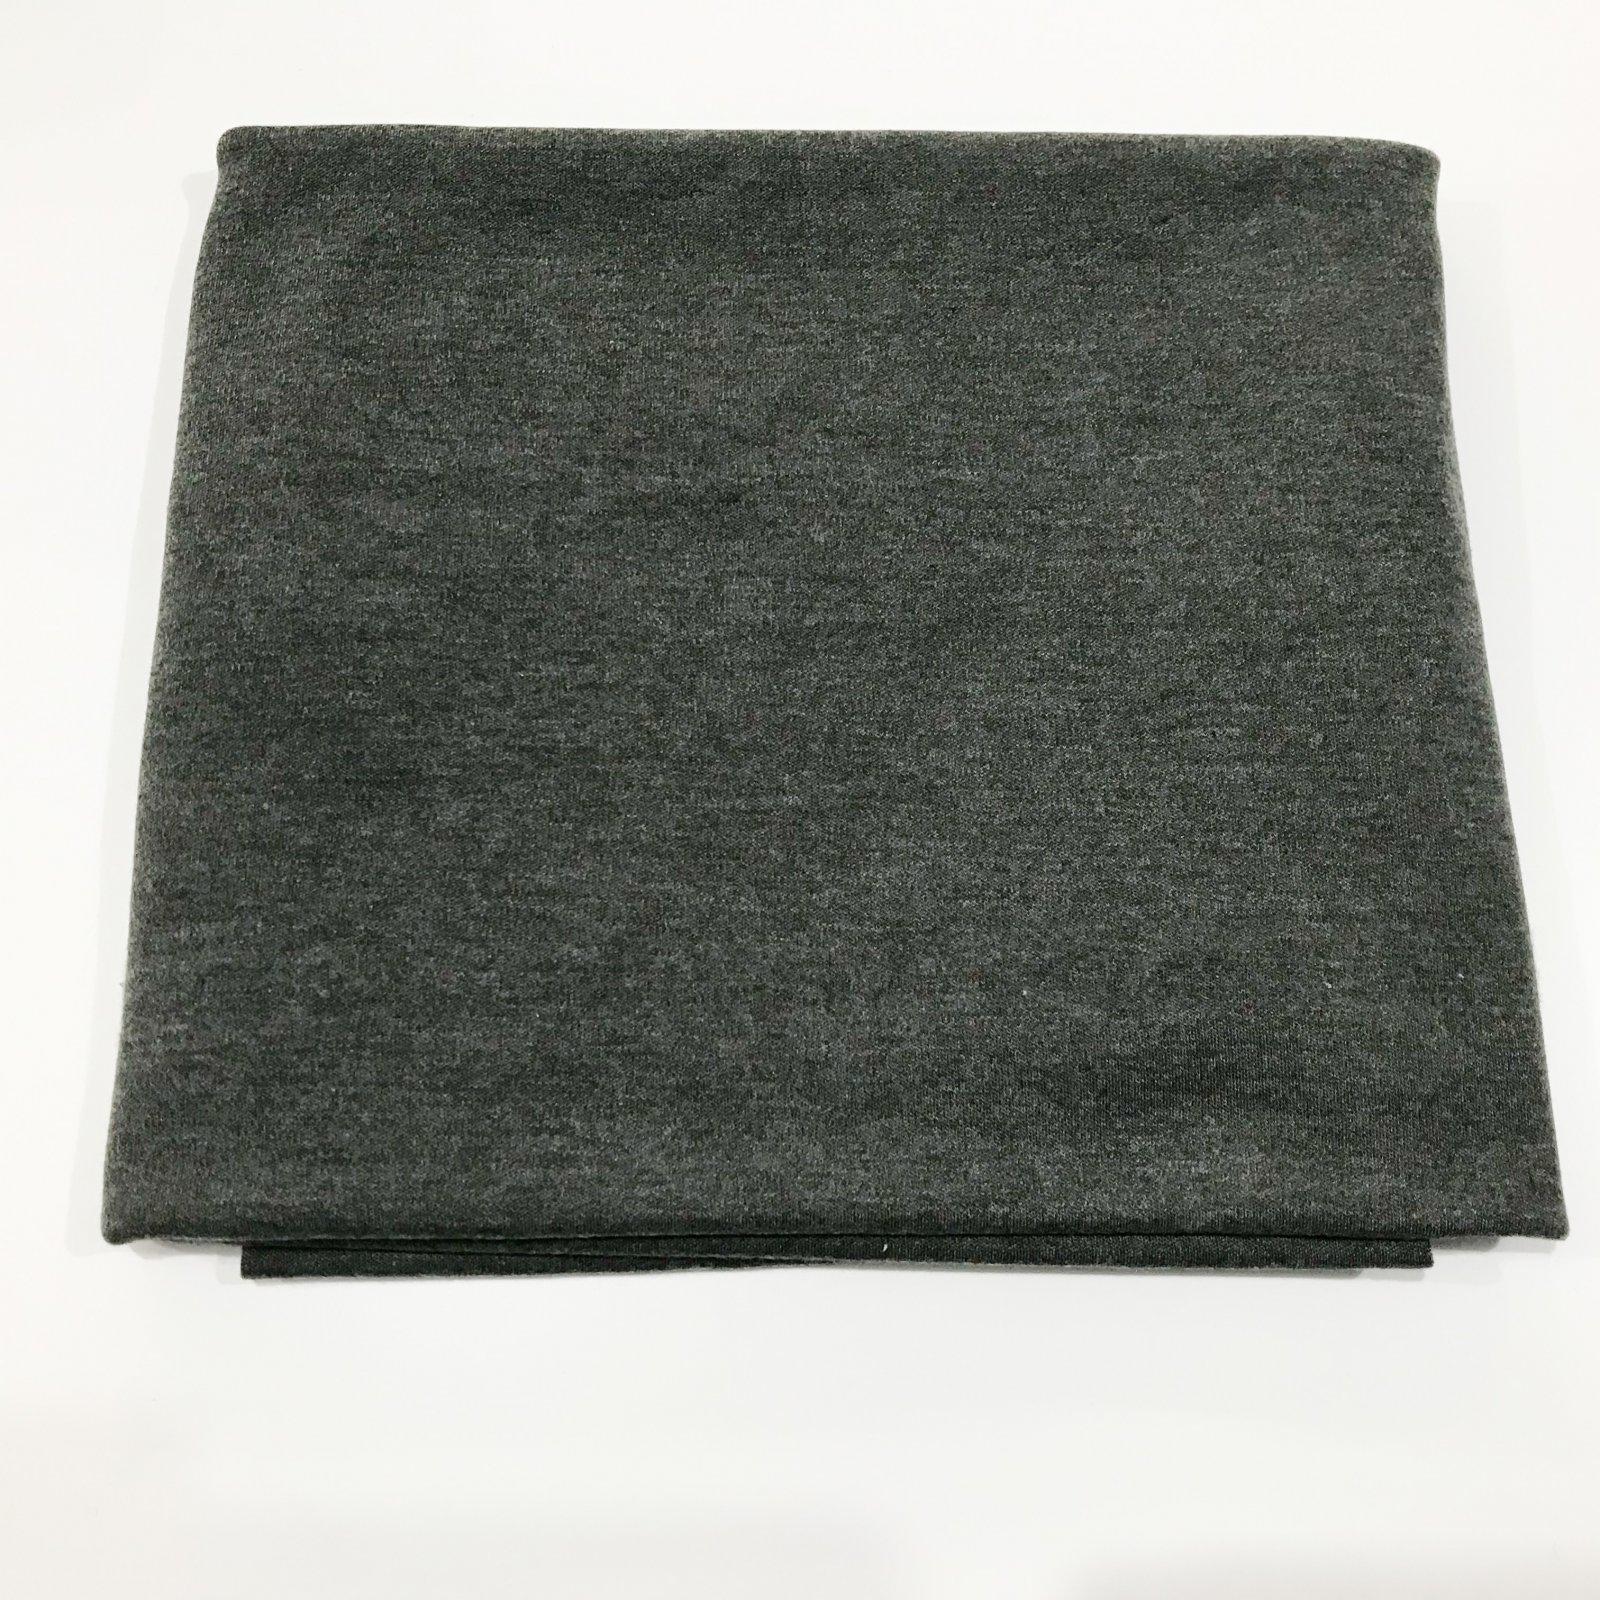 25 inches - Cotton/Poly Interlock - Granite